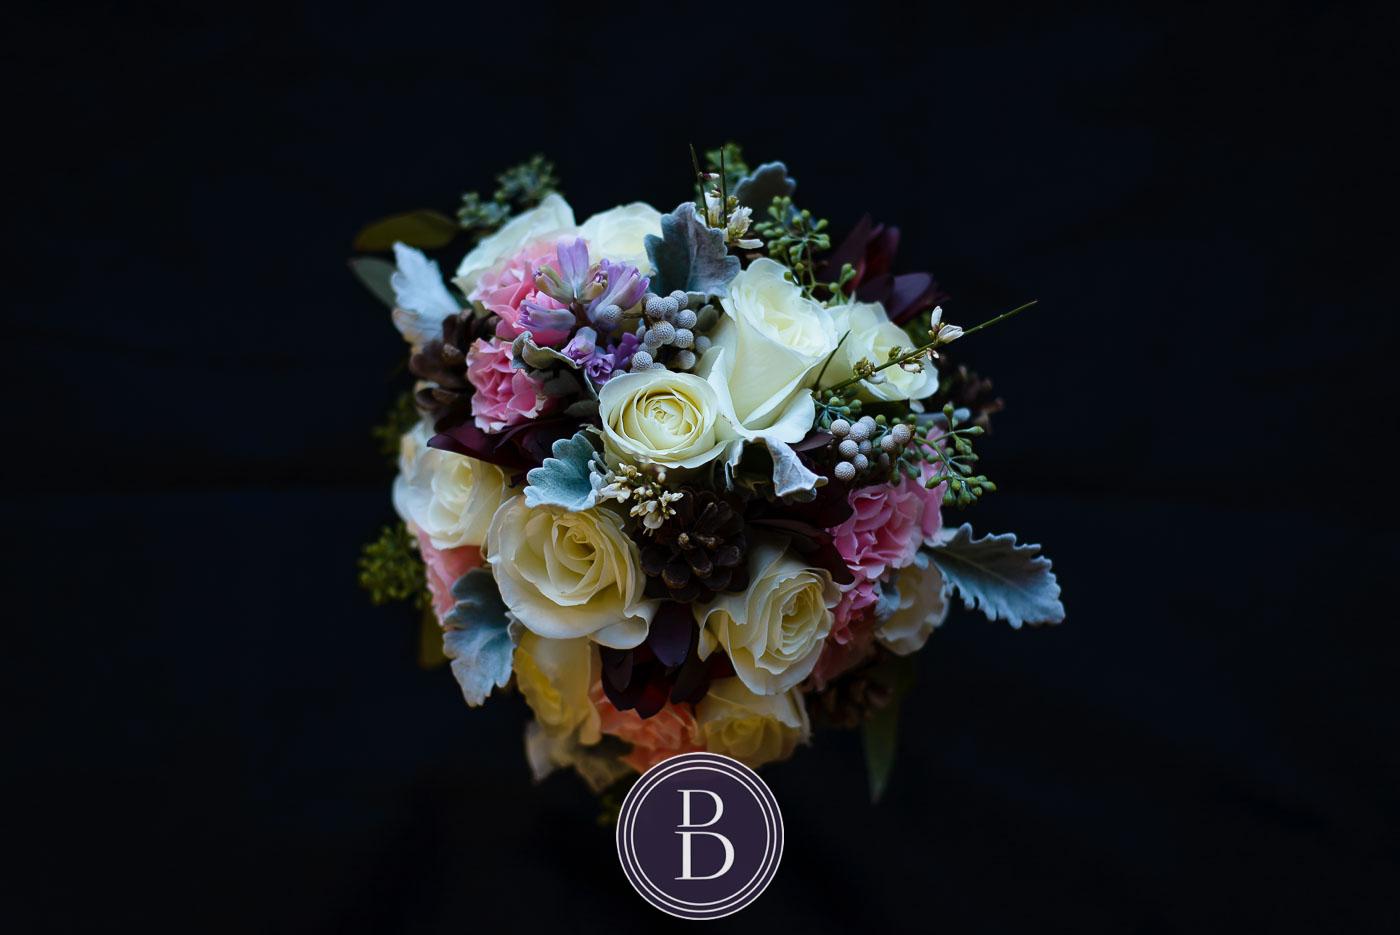 Wedding in winter wedding Winnipeg brides bouquet